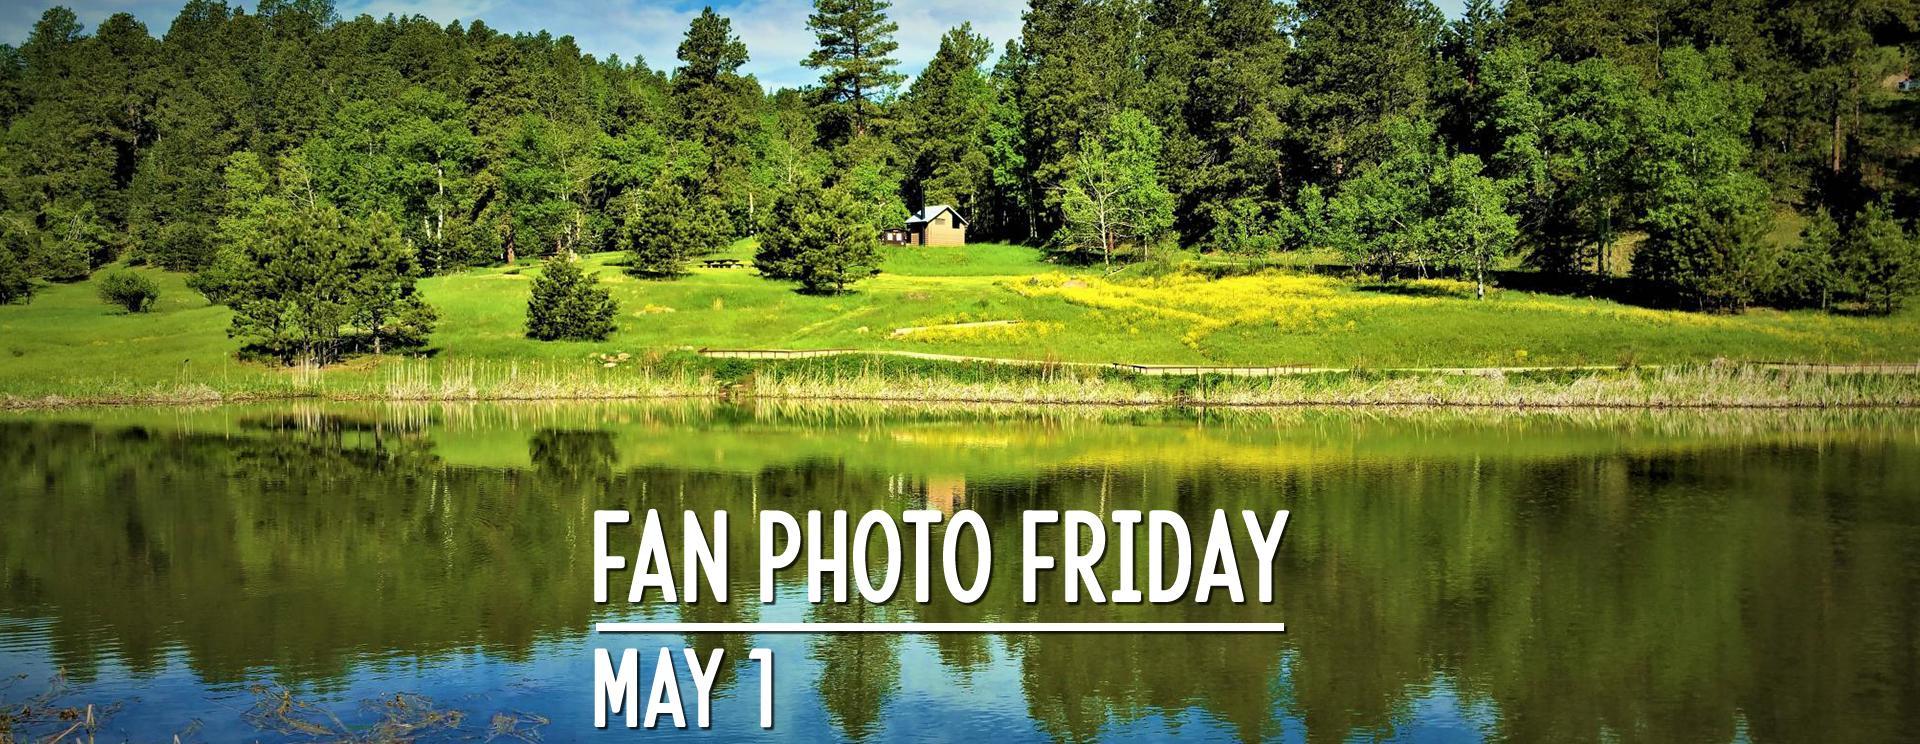 Fan Photo Friday | May 1, 2020